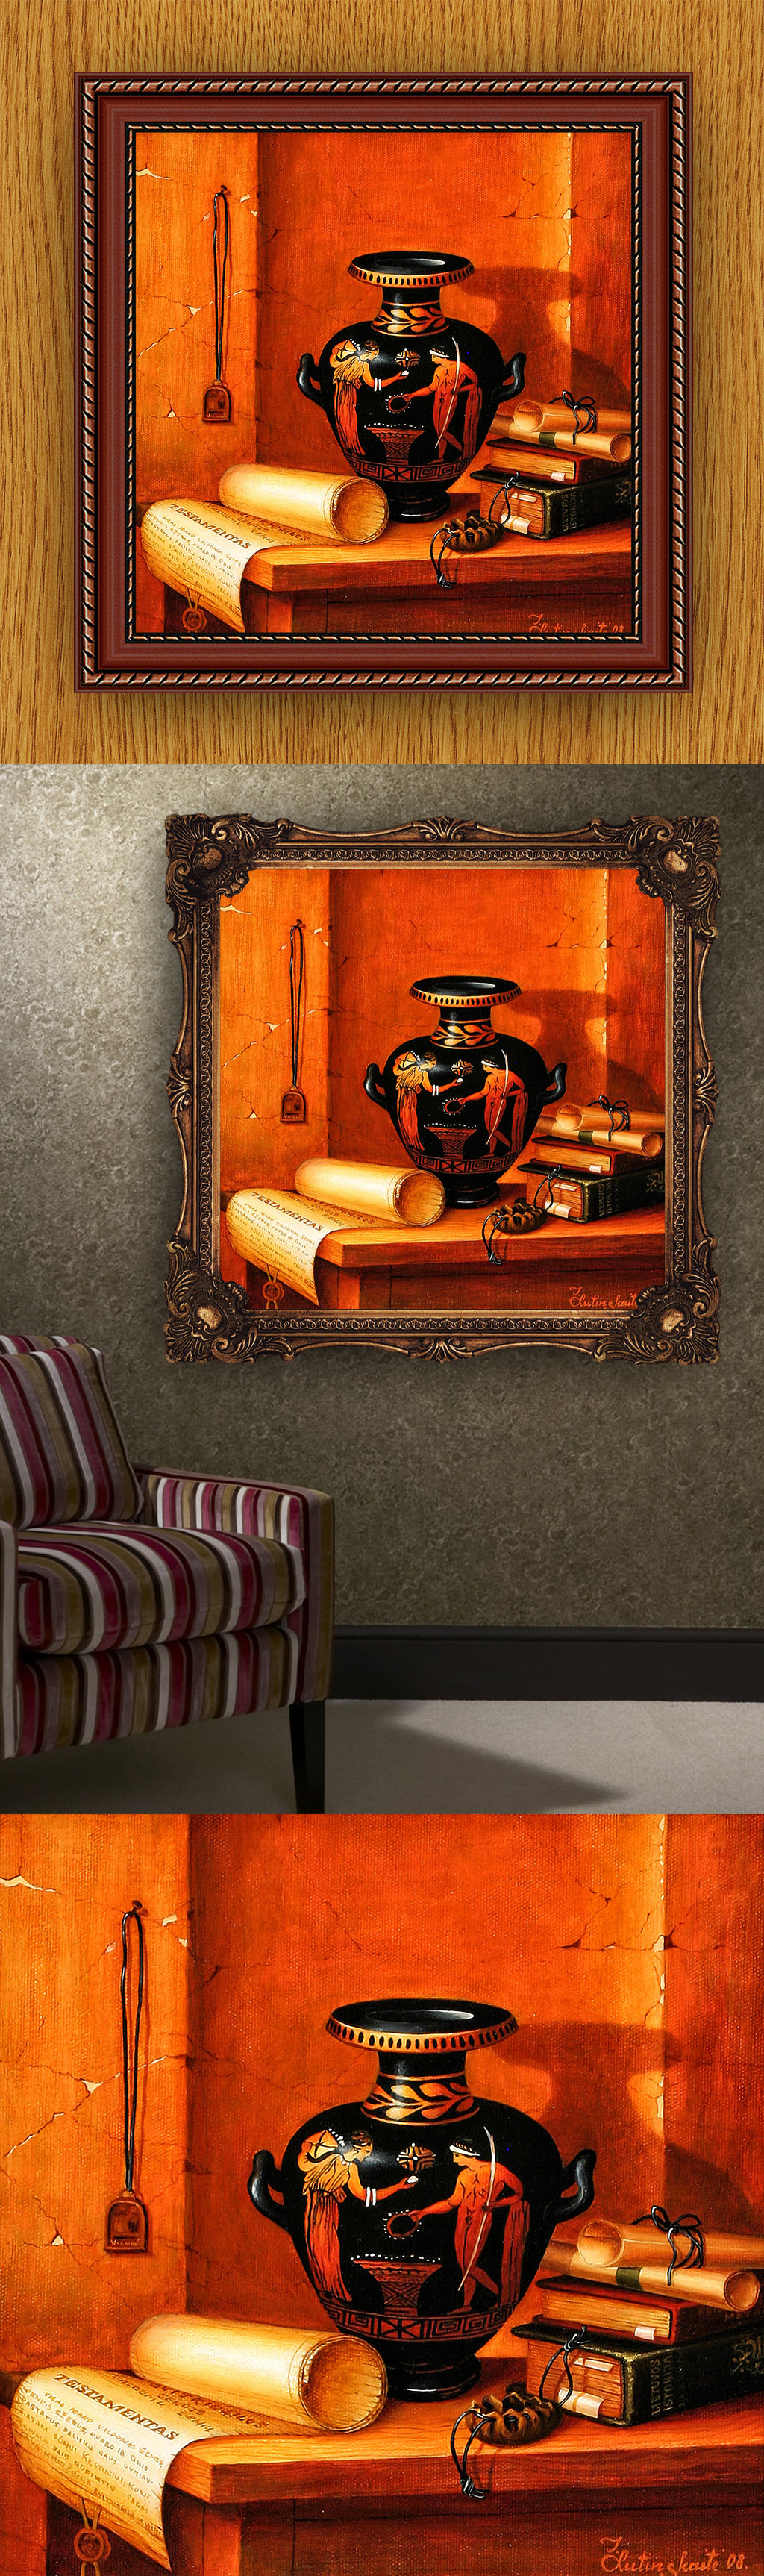 高清手绘欧式古典写实风格埃及静物画